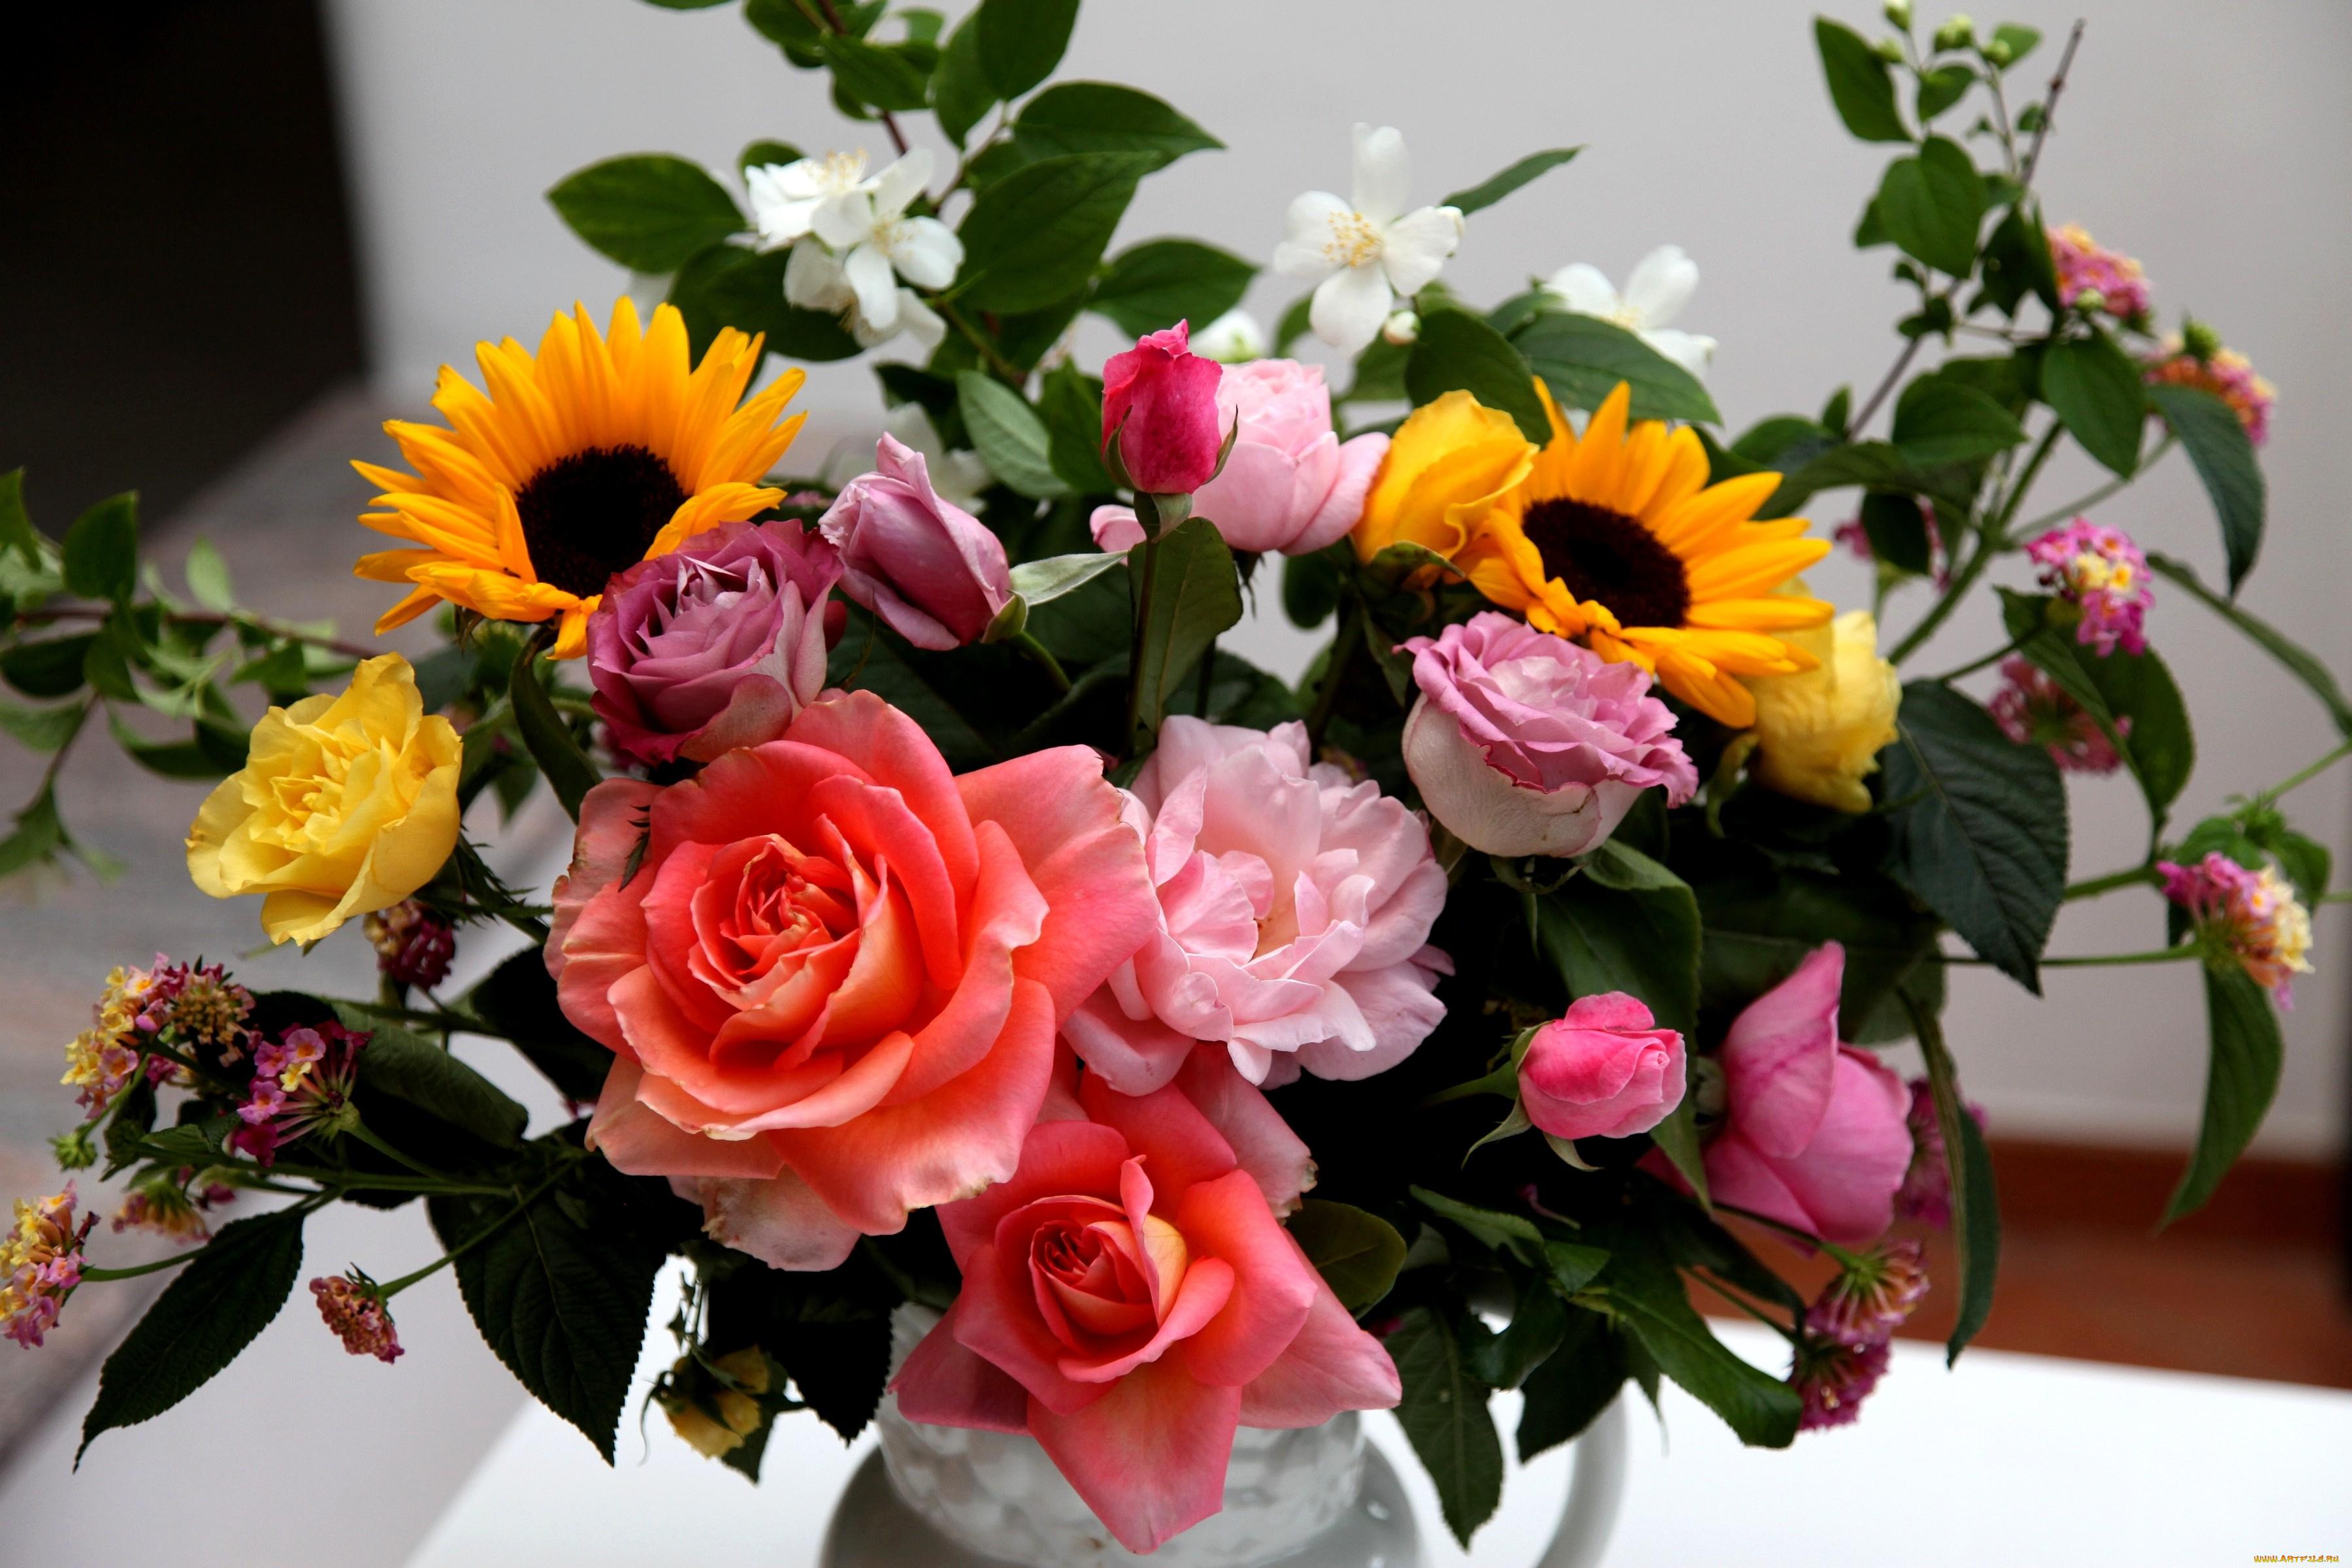 Самые красивые букеты цветов картинки большого разрешения, открытки днем